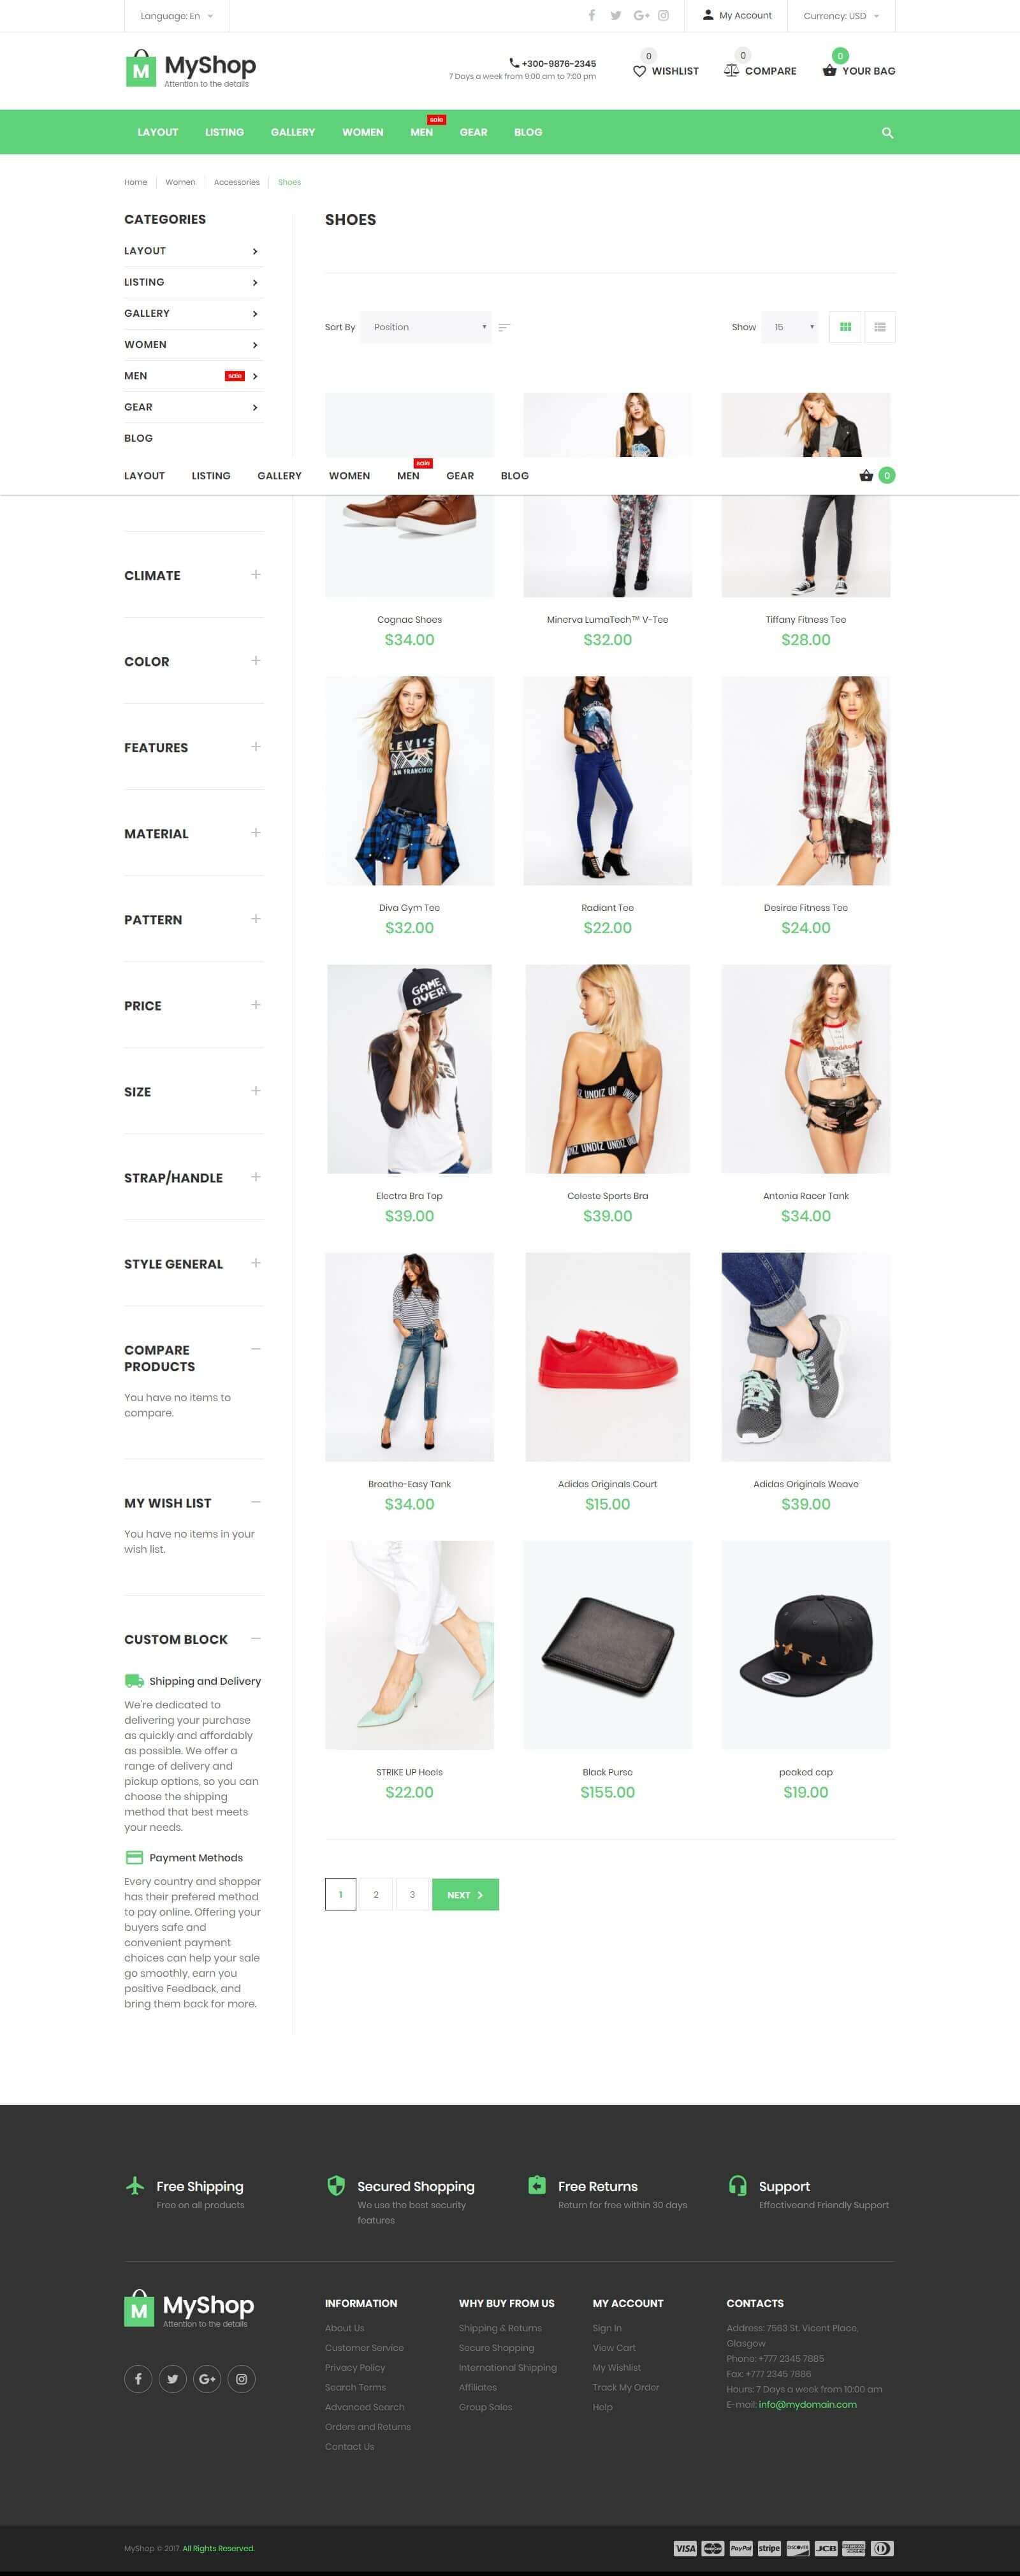 Các tính năng cần biết của mẫu website bán giày dép